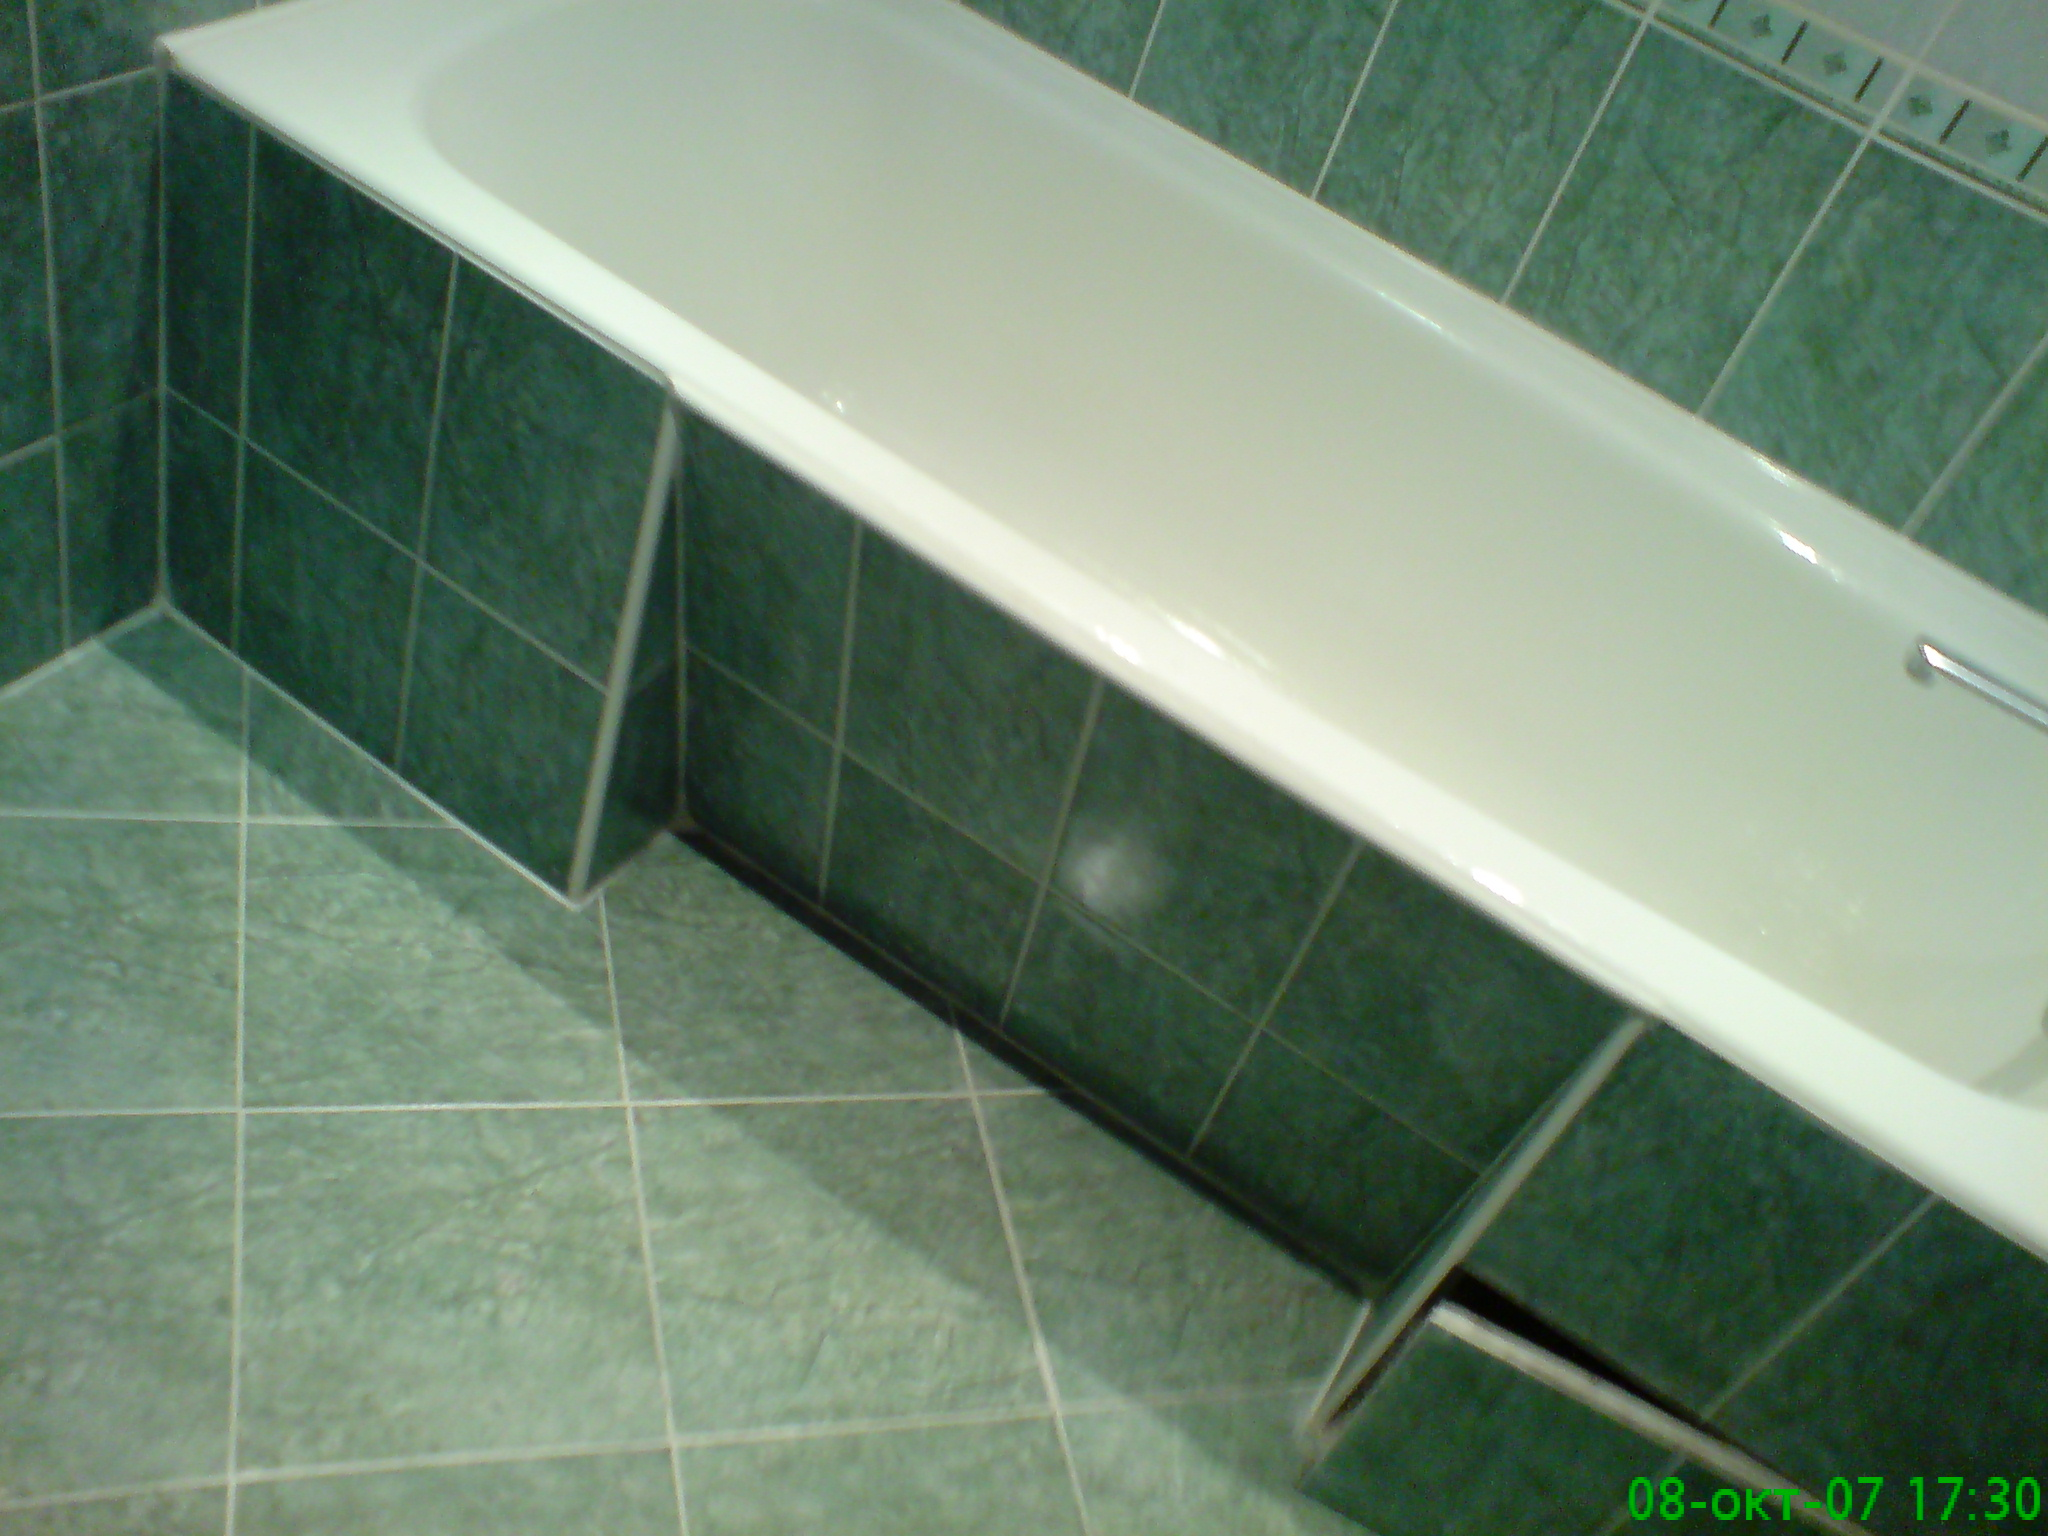 Углубление под ноги в ванной фото 2 фотография